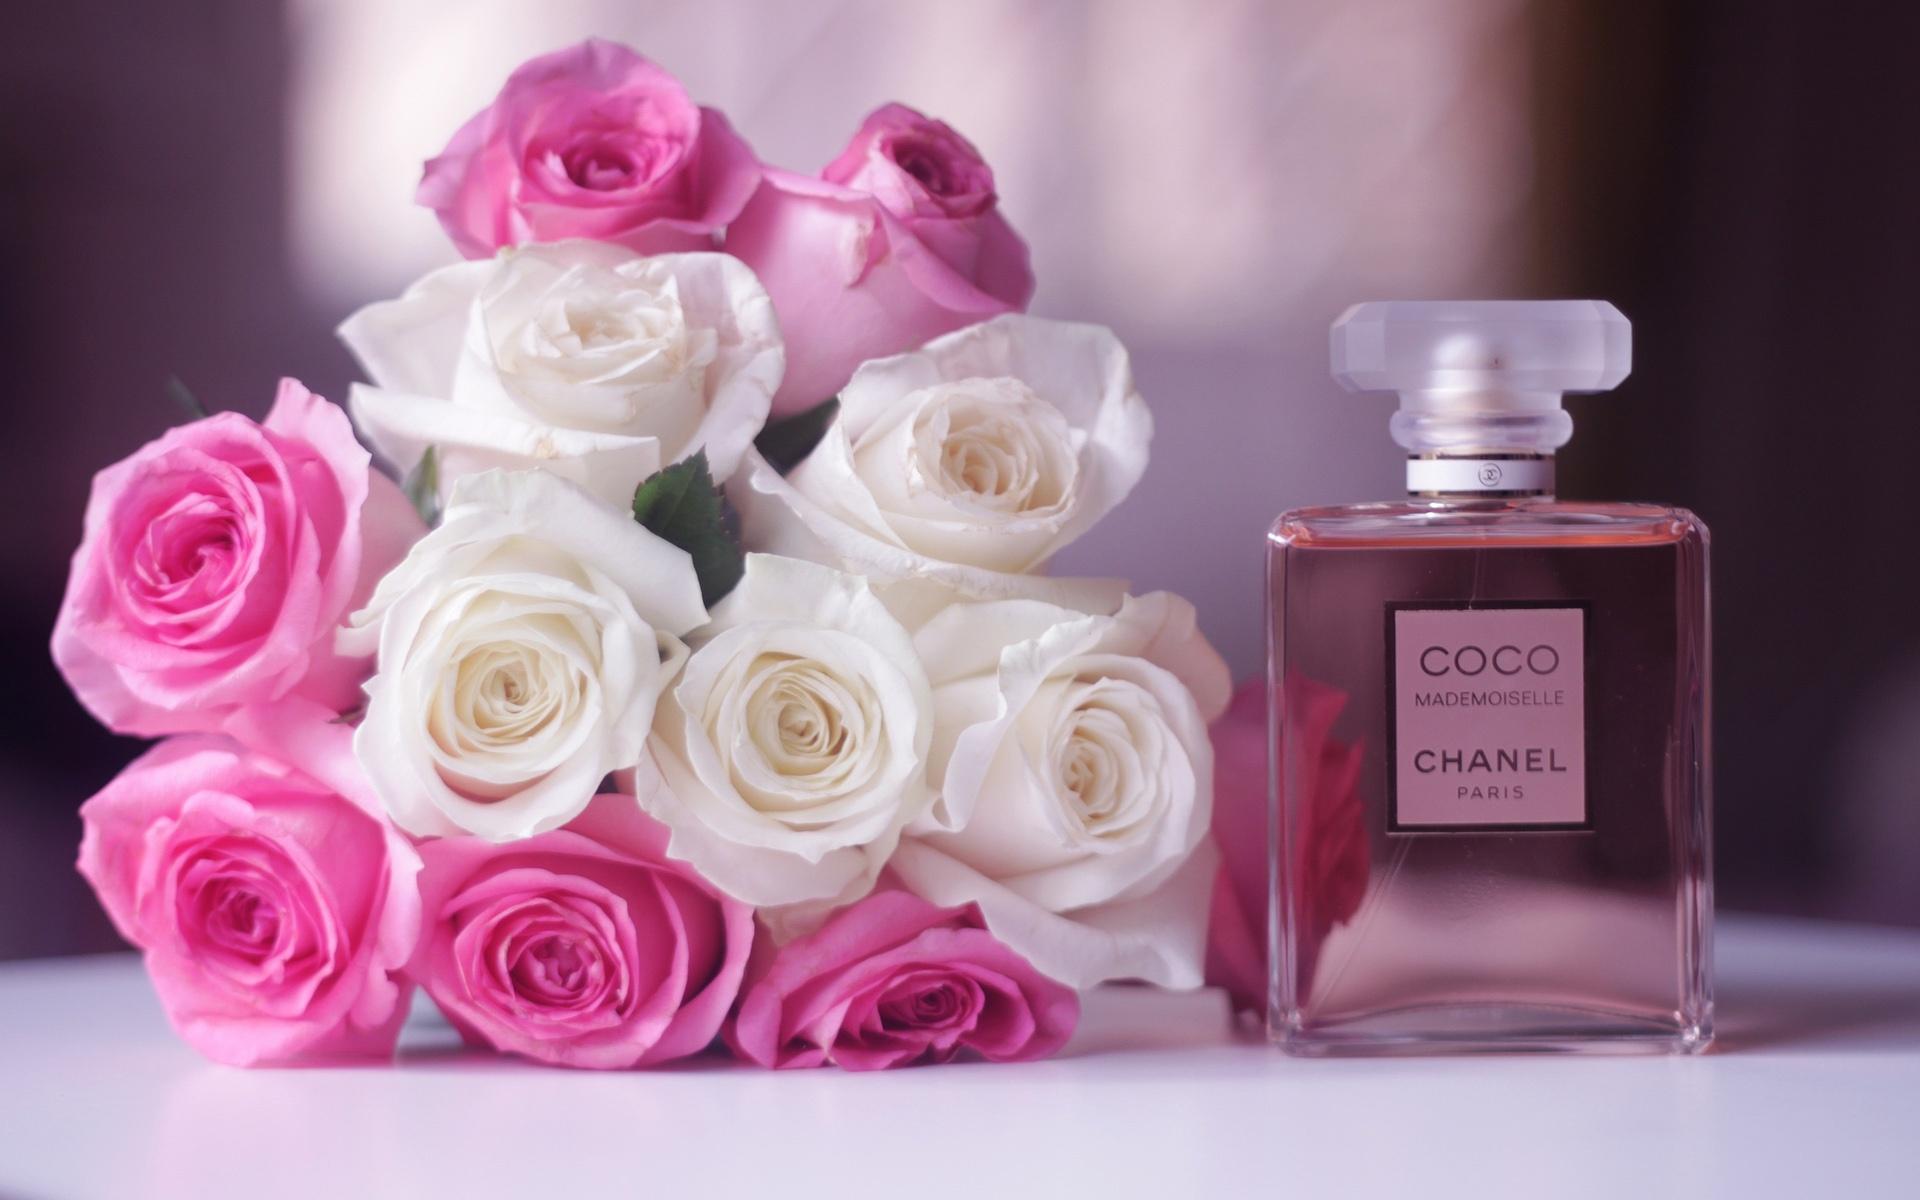 壁紙 シャネルココマドモアゼルの香水は 白とピンクのバラの花